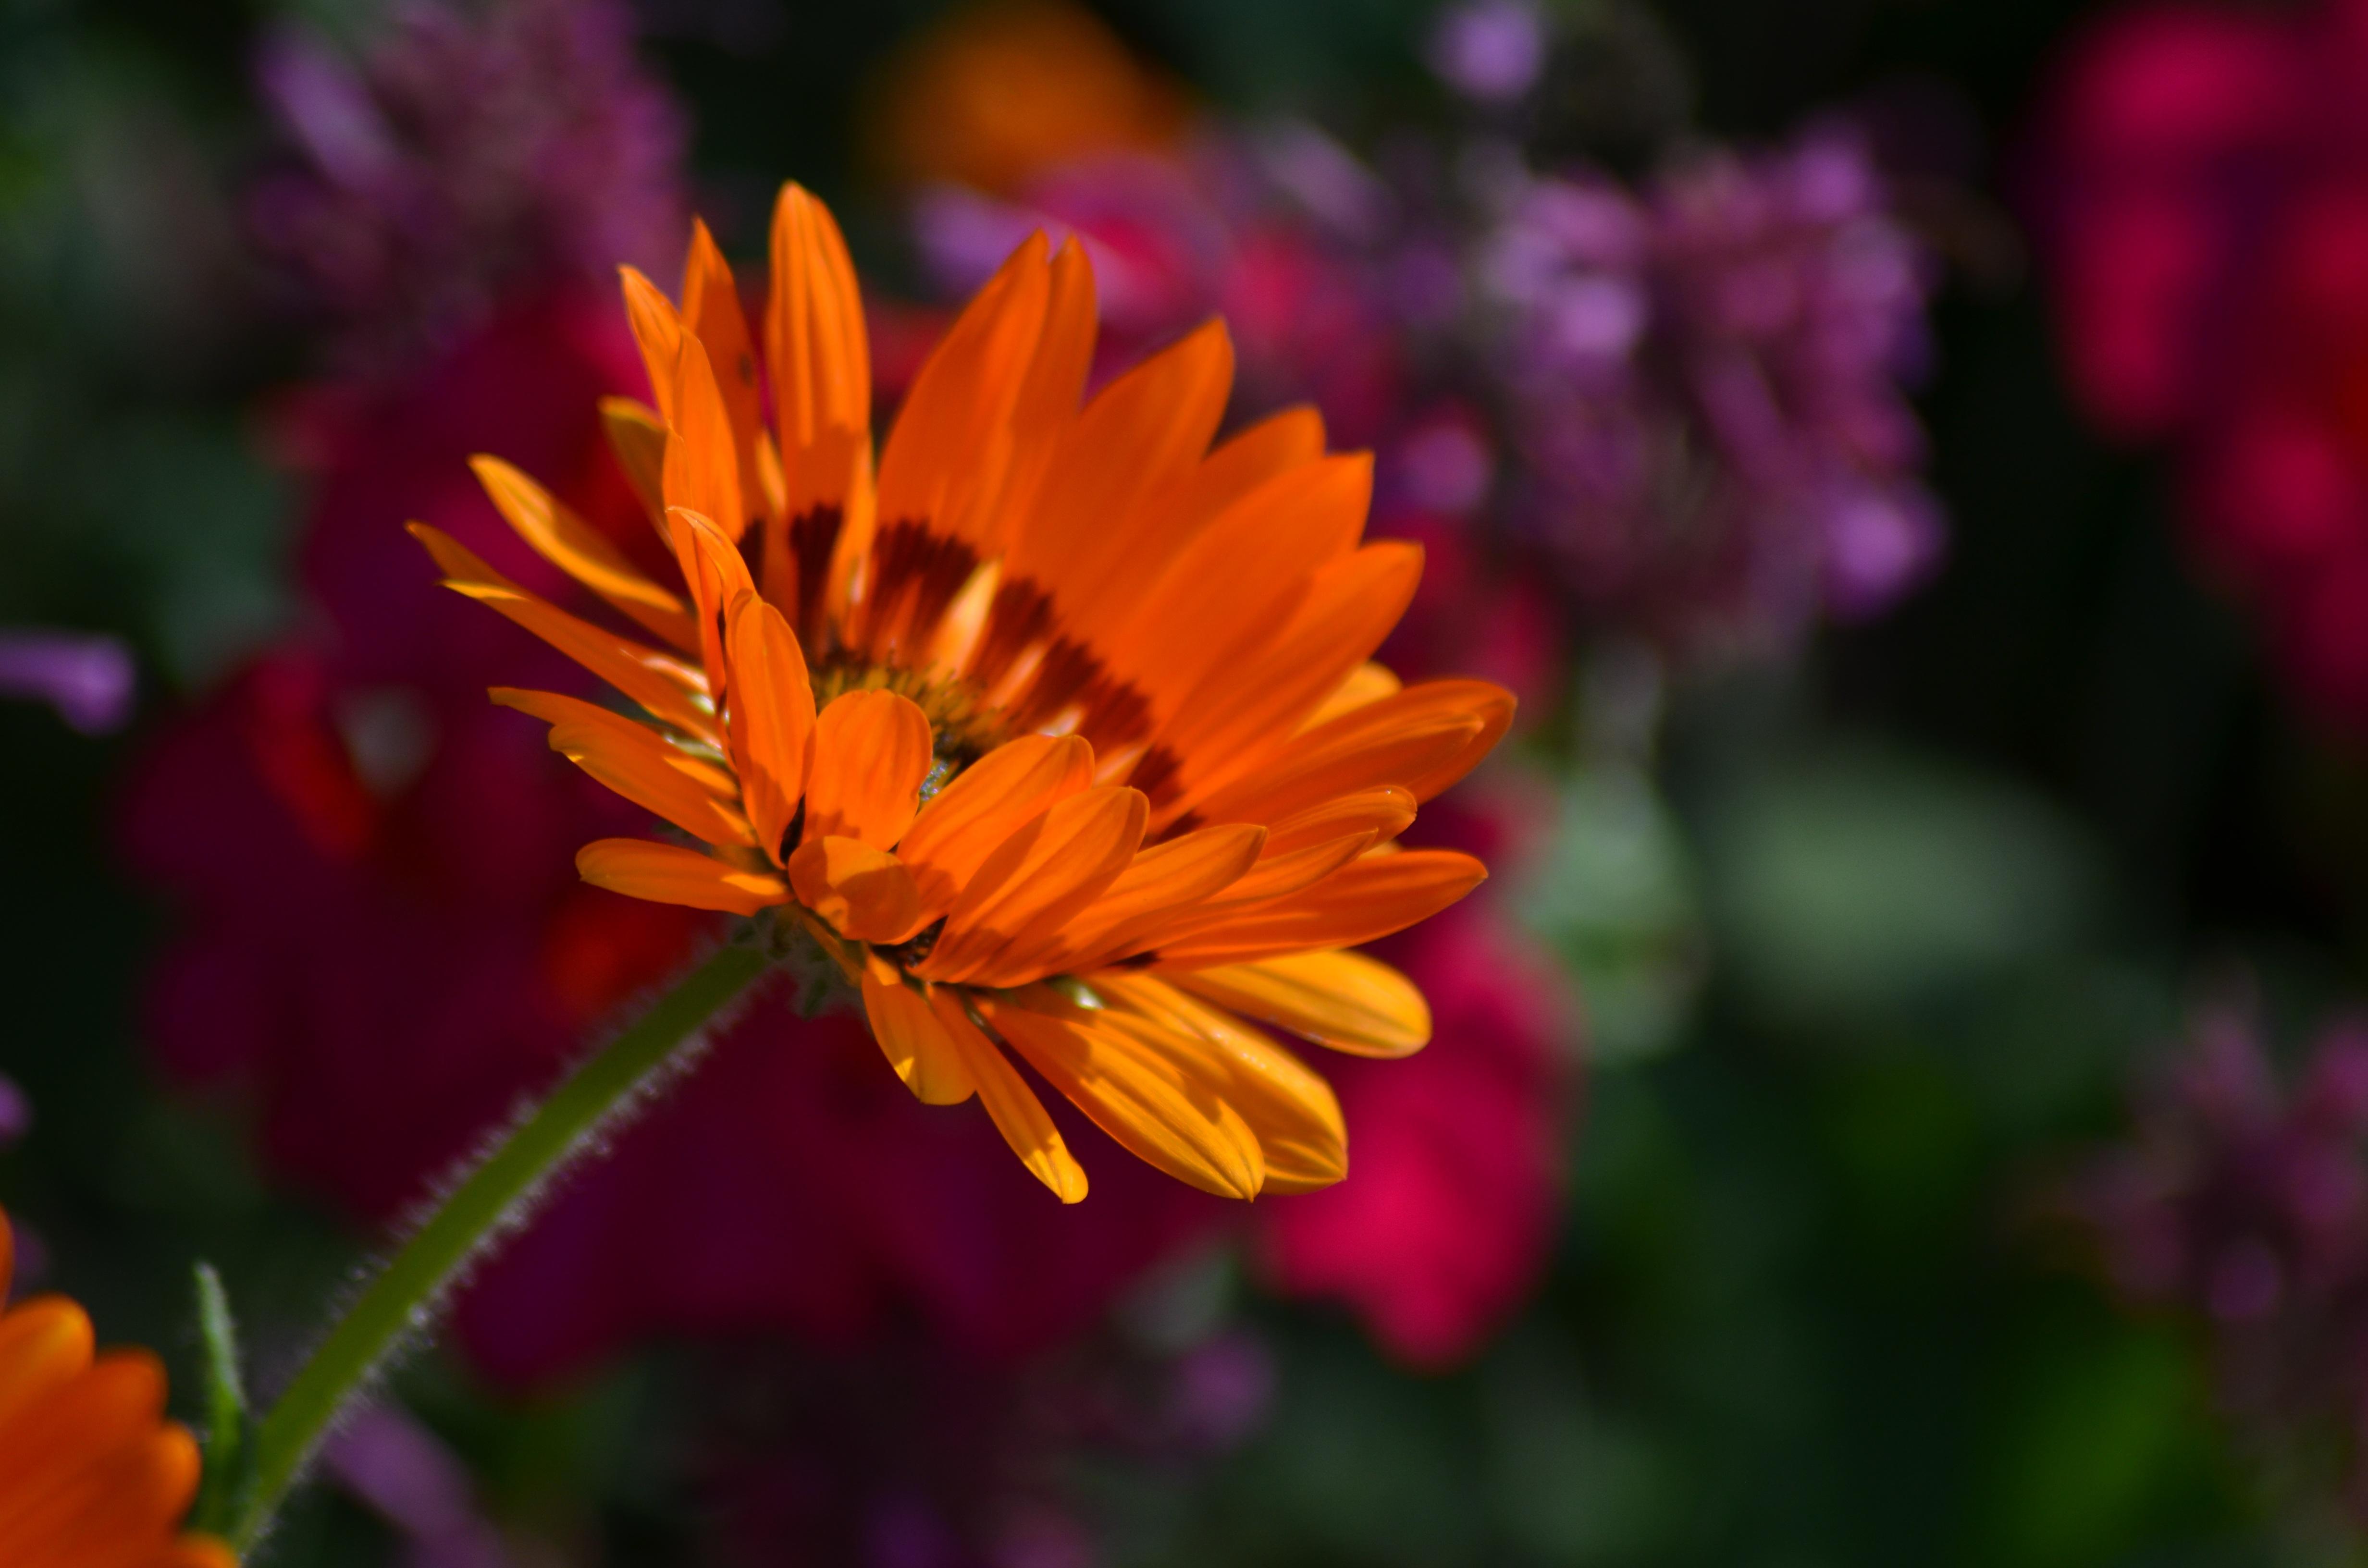 Free Images Nature Flower Petal Pollen Spring Green Botany